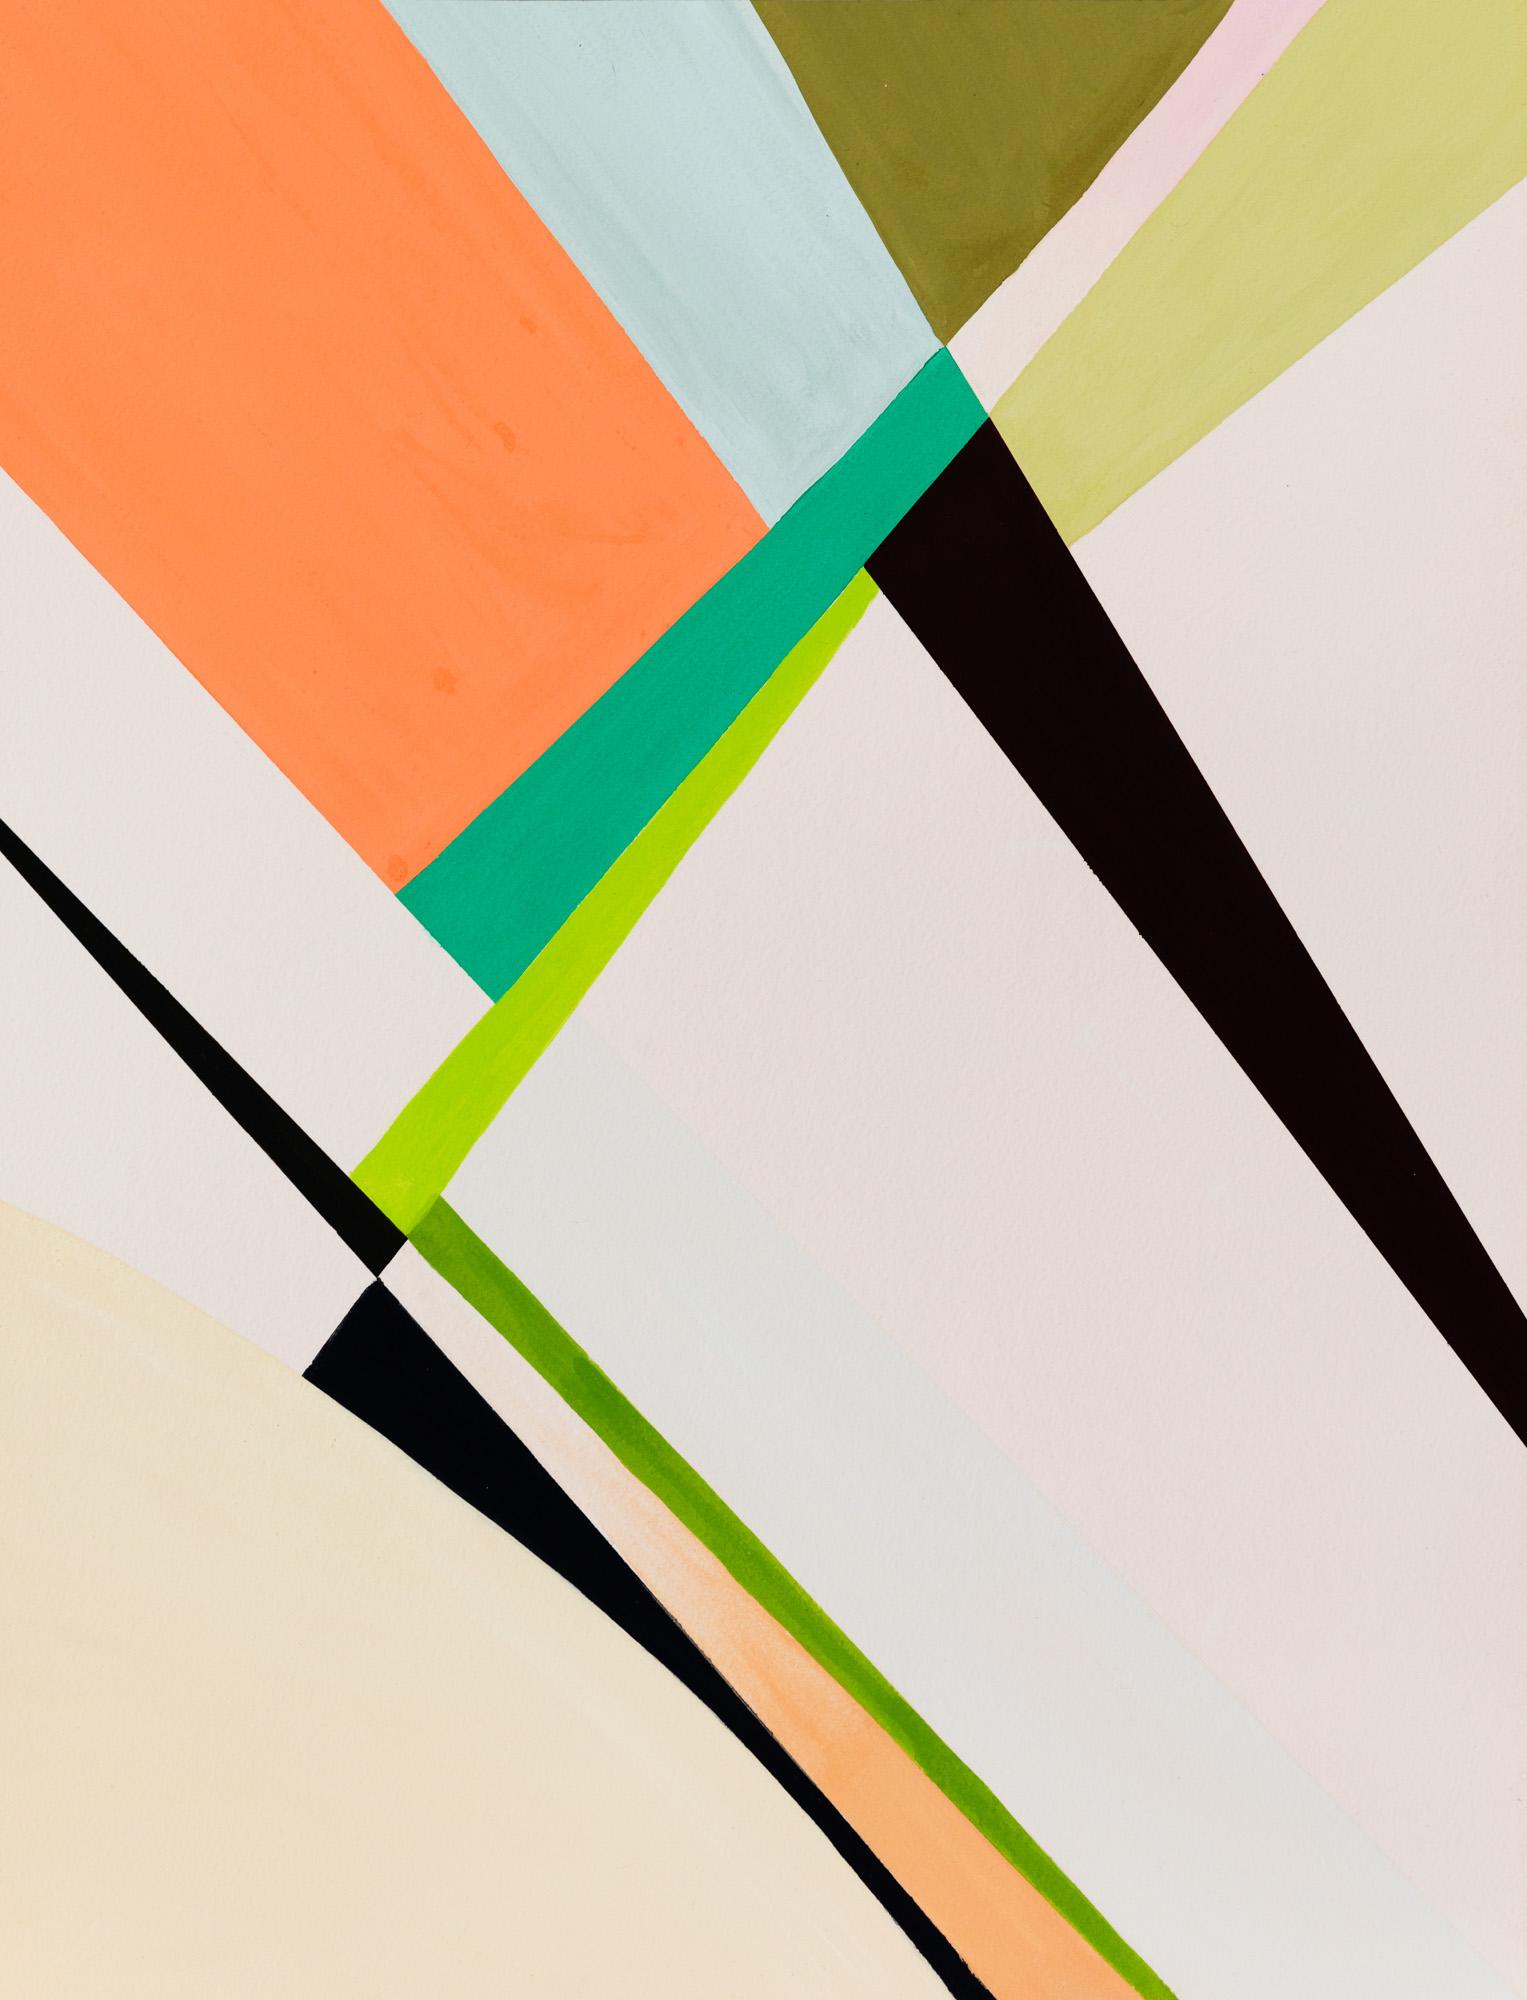 Weaver's Orange, 2020, Watercolor and casein tempera on 640 gms Arches Grain Torchon paper, 55,8 x 42 cm